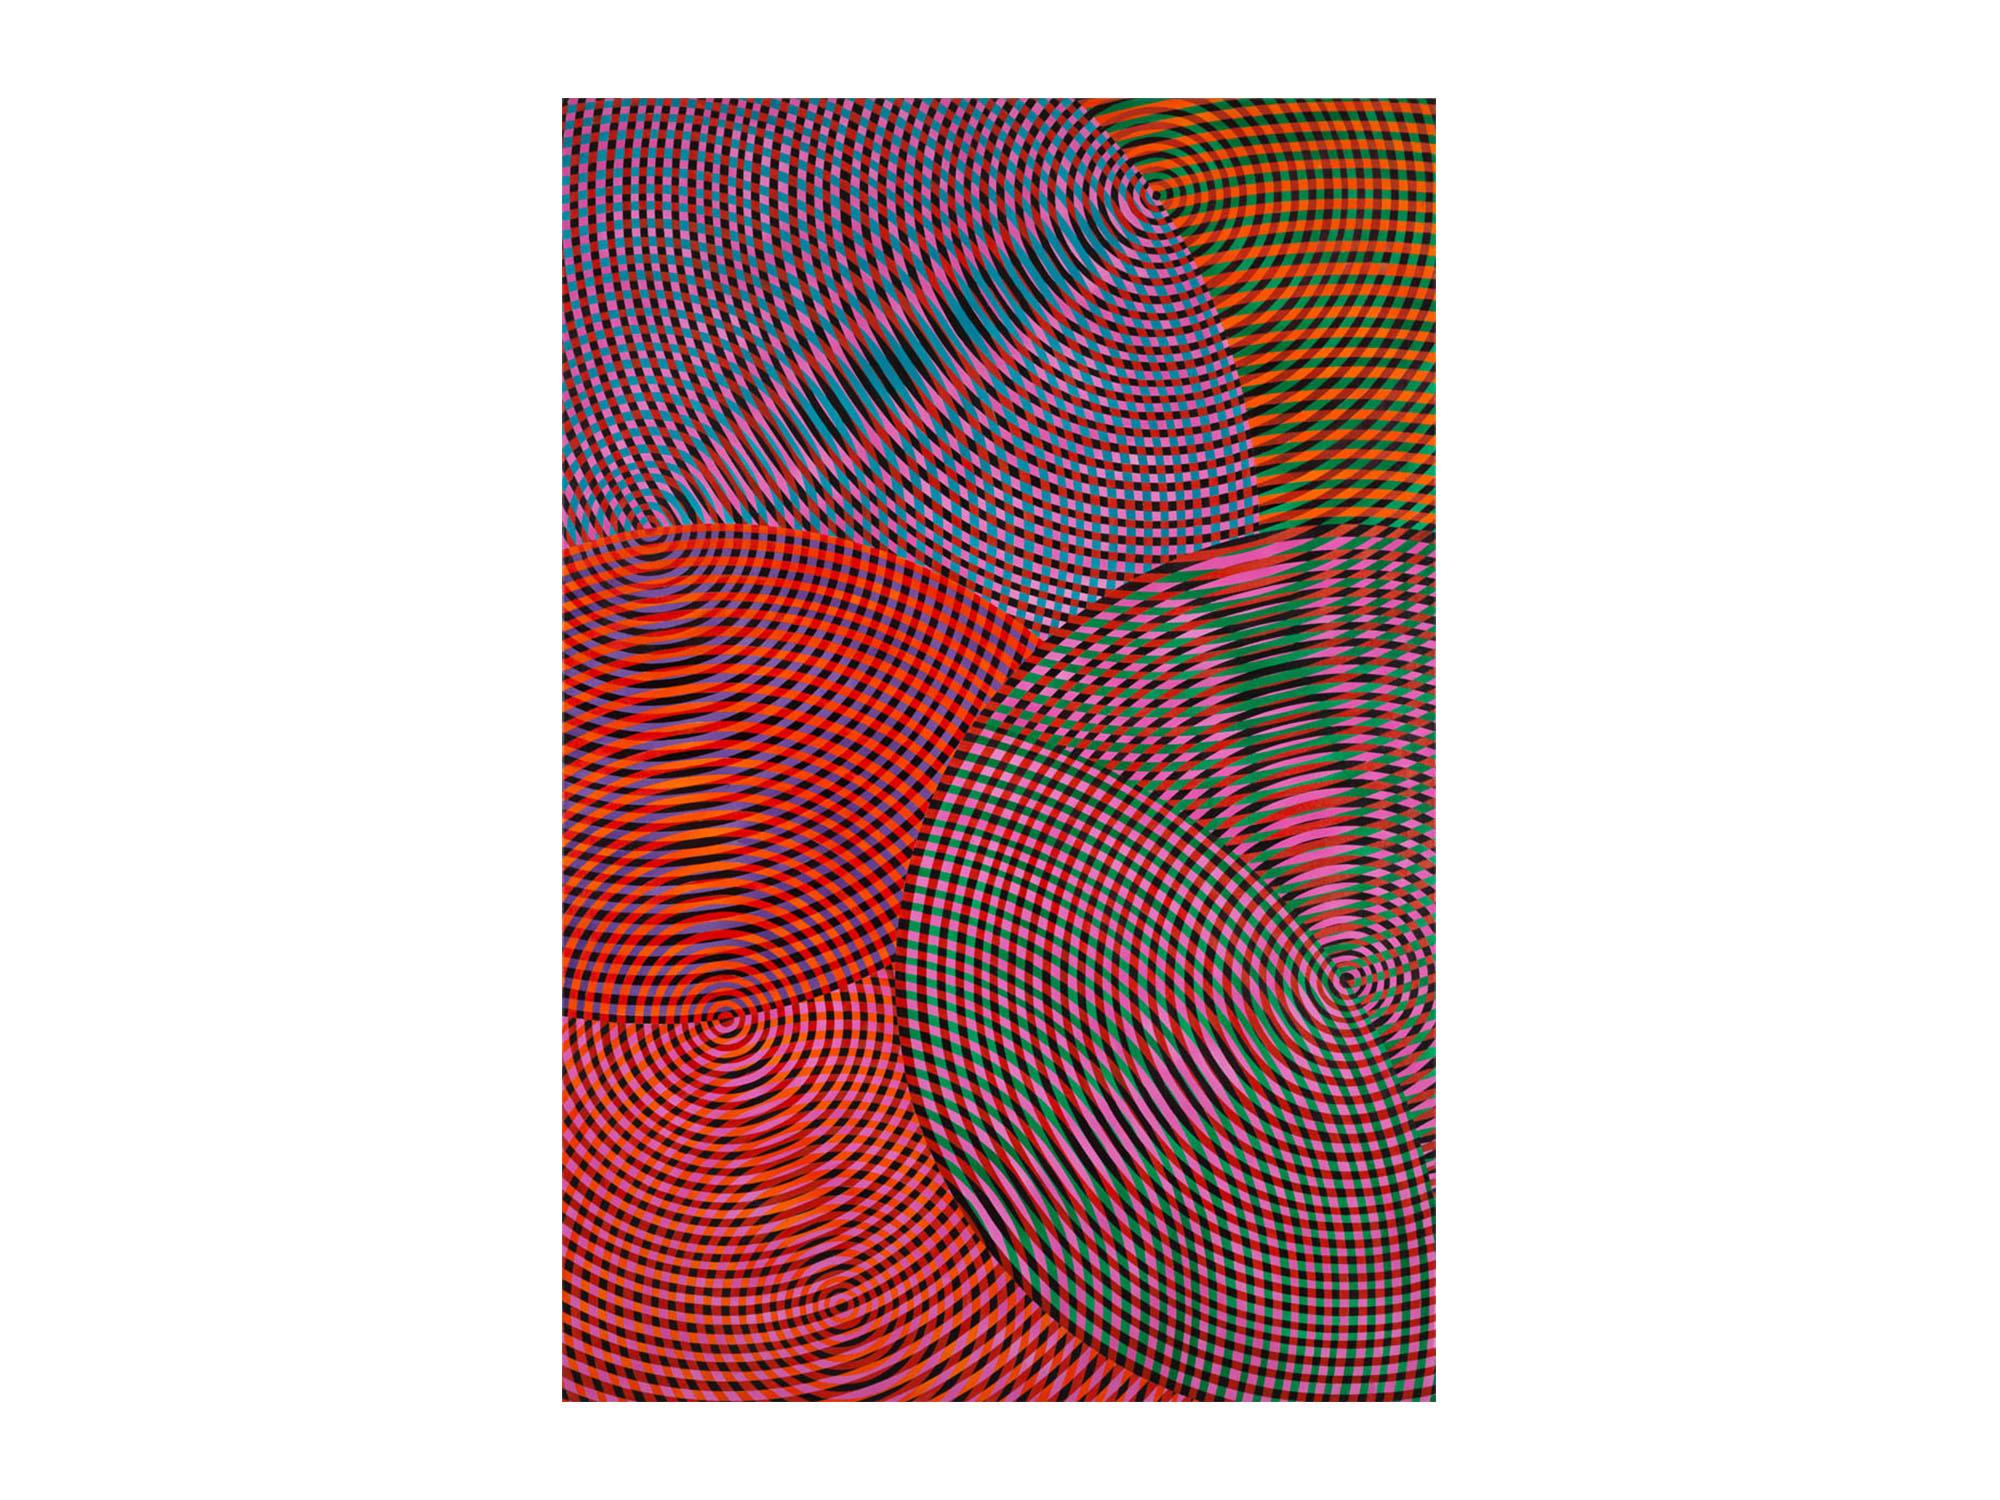 John Aslanidis   Sonic no.58 ,2017 oil and acrylic on canvas 182 x 133cm